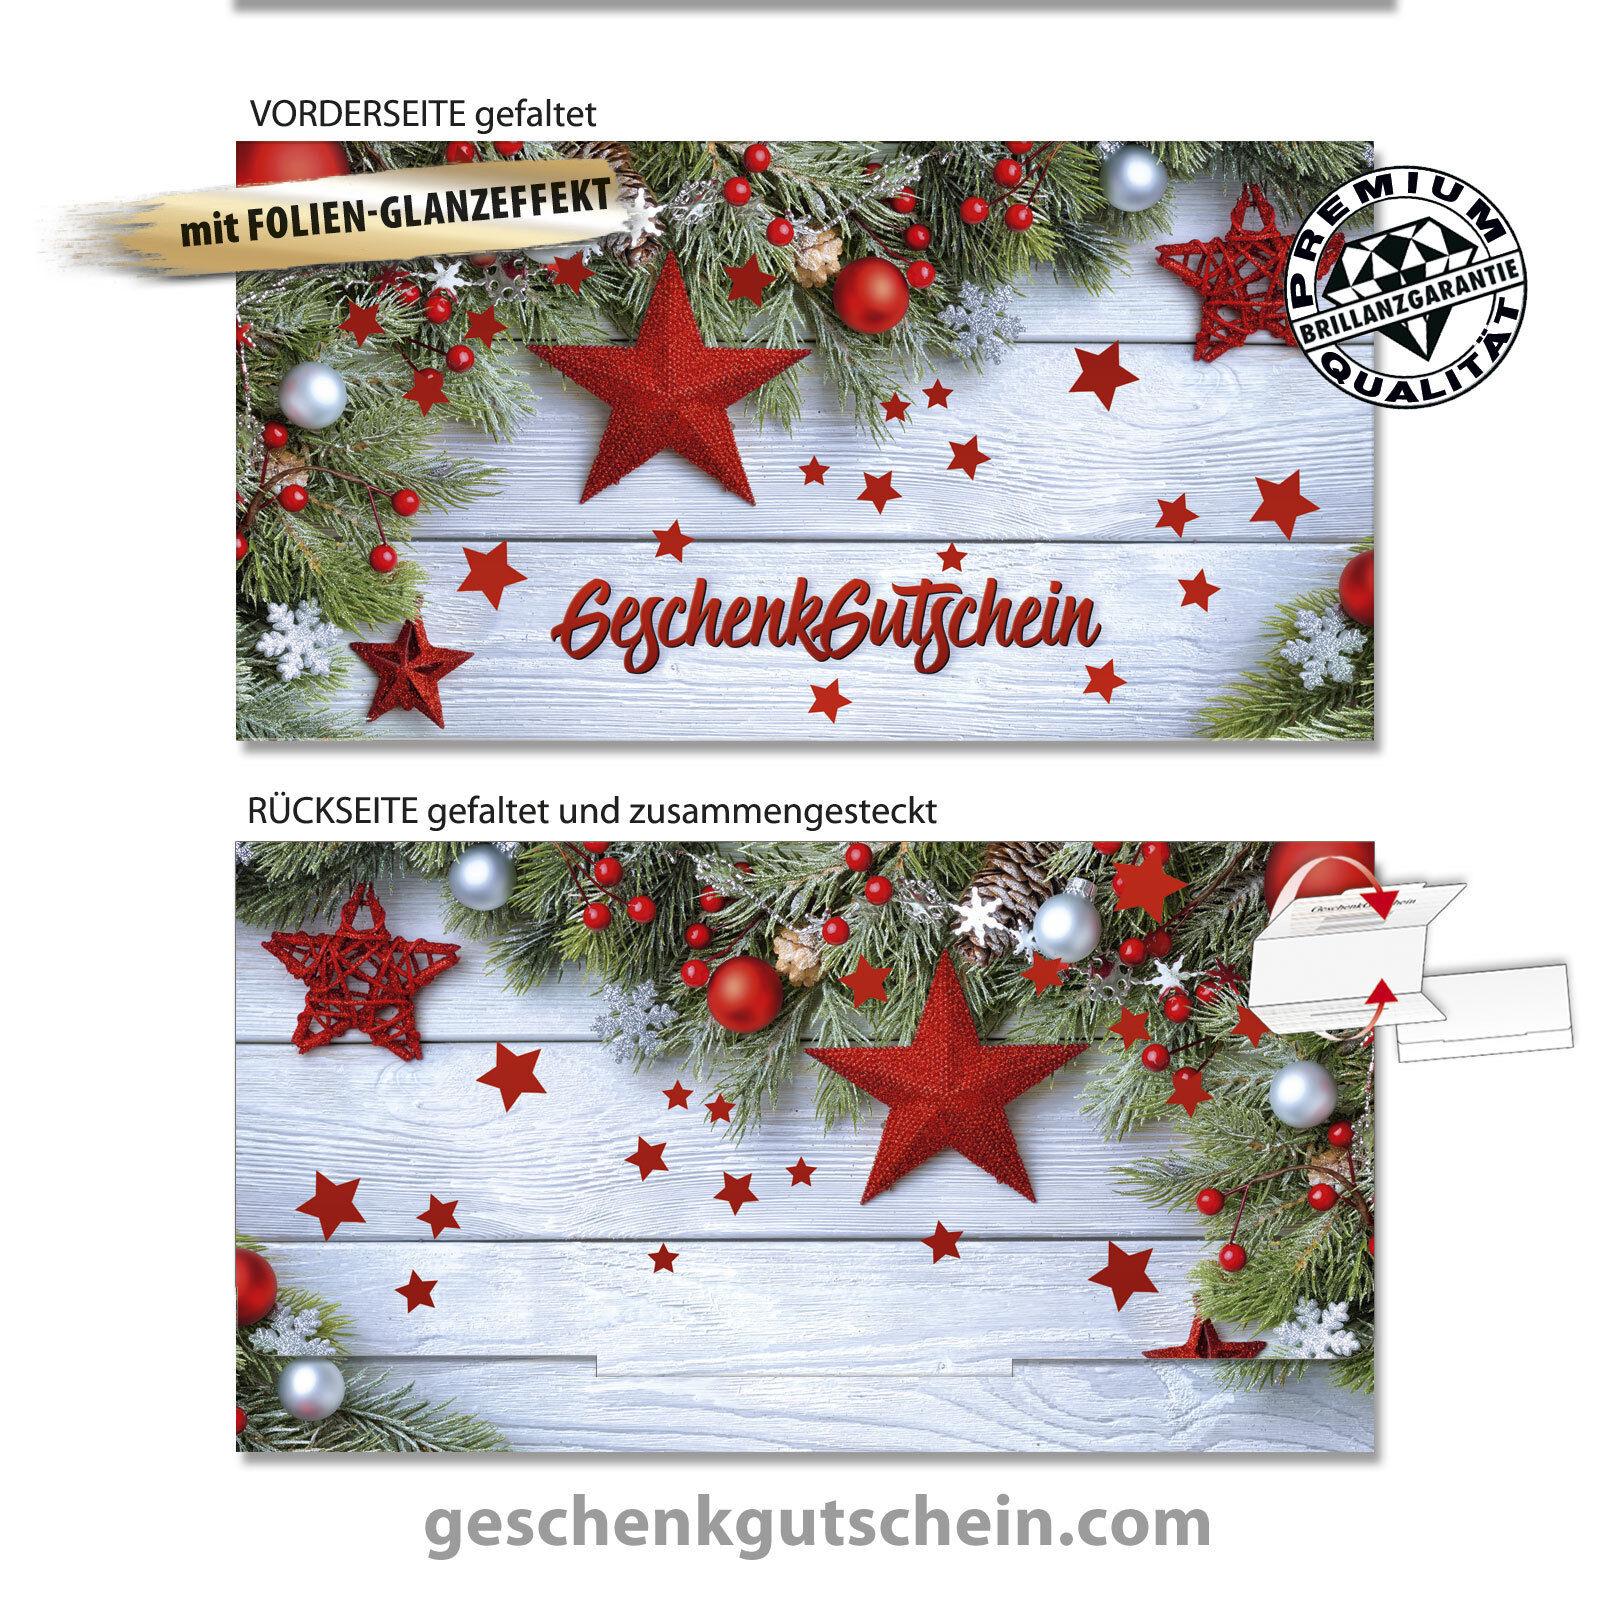 Weihnachts-Geschenkgutscheine  Glamour-Edition  für alle Branchen X291FG  | Sonderangebot  | Langfristiger Ruf